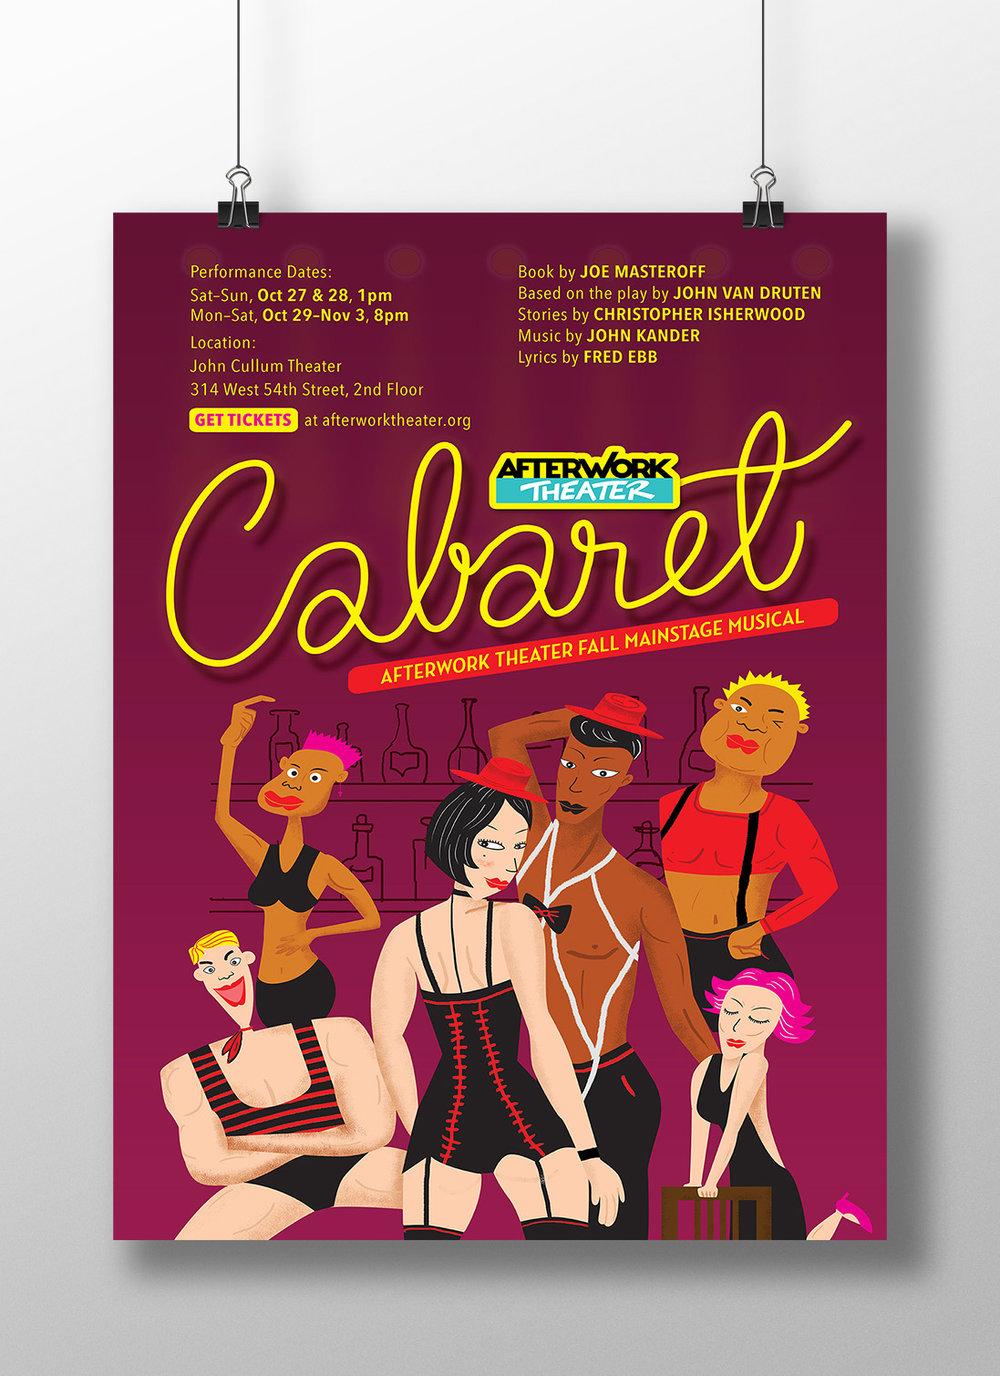 Cabaret_poster_mockup_AWT.jpg